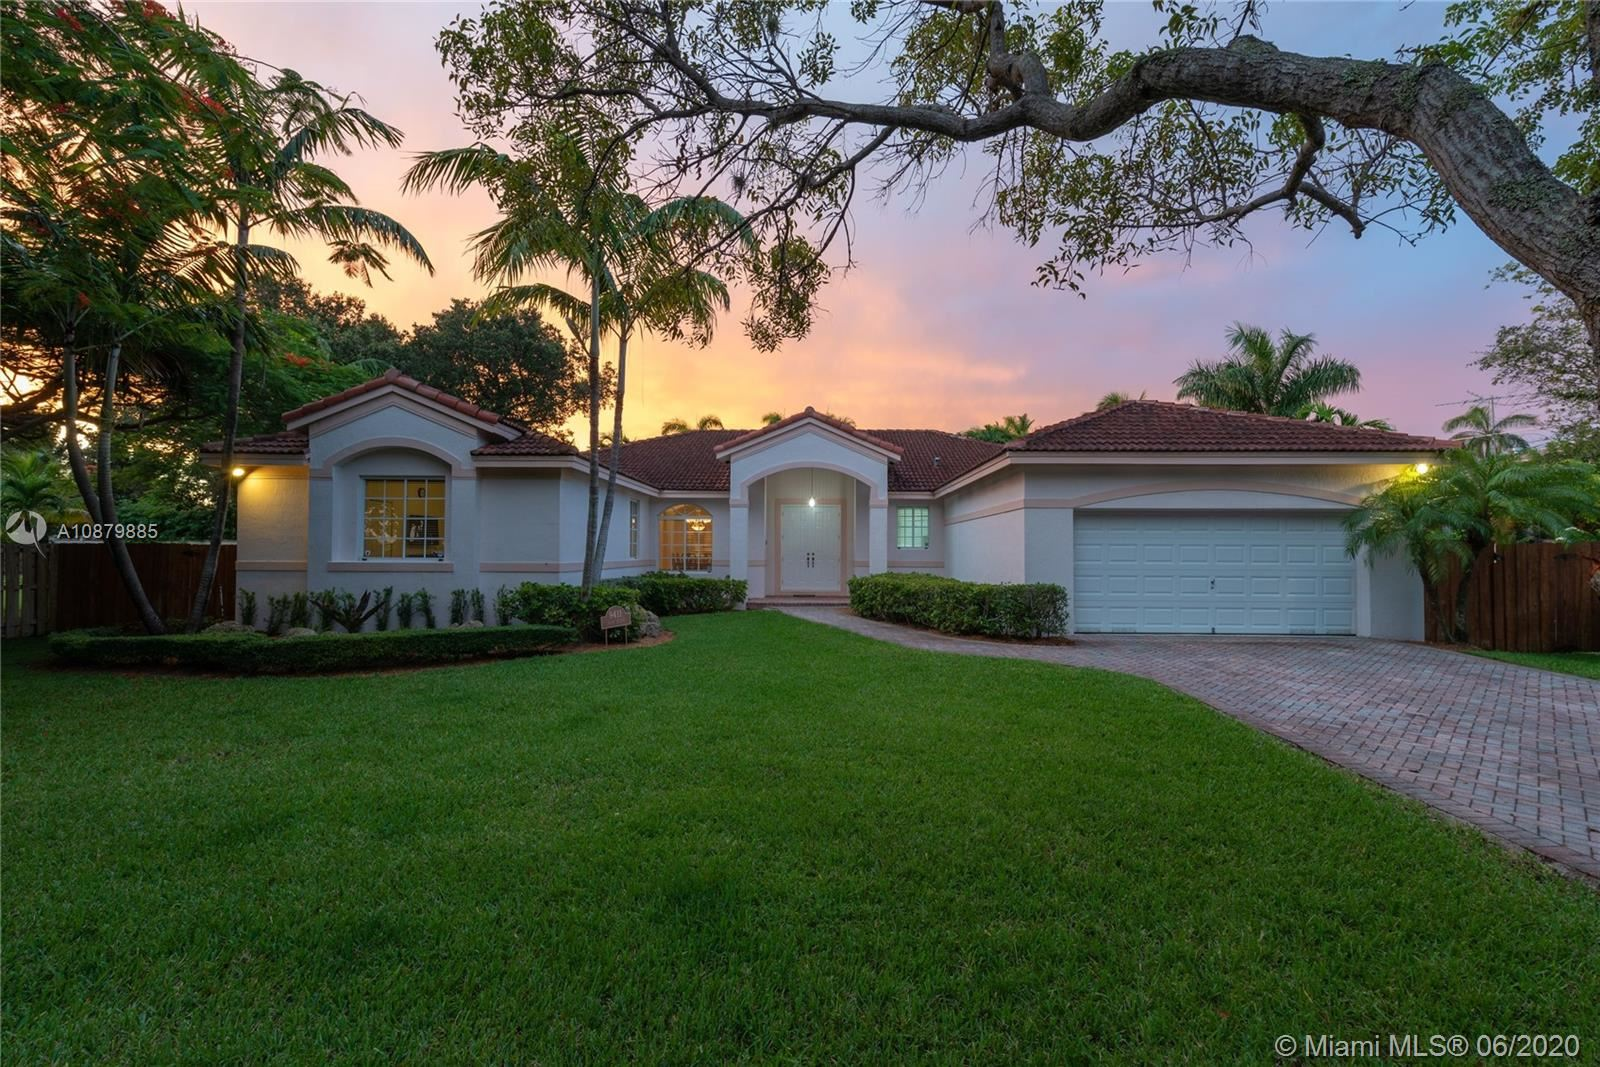 9411 SW 150th St, Miami, FL 33176 - #: A10879885